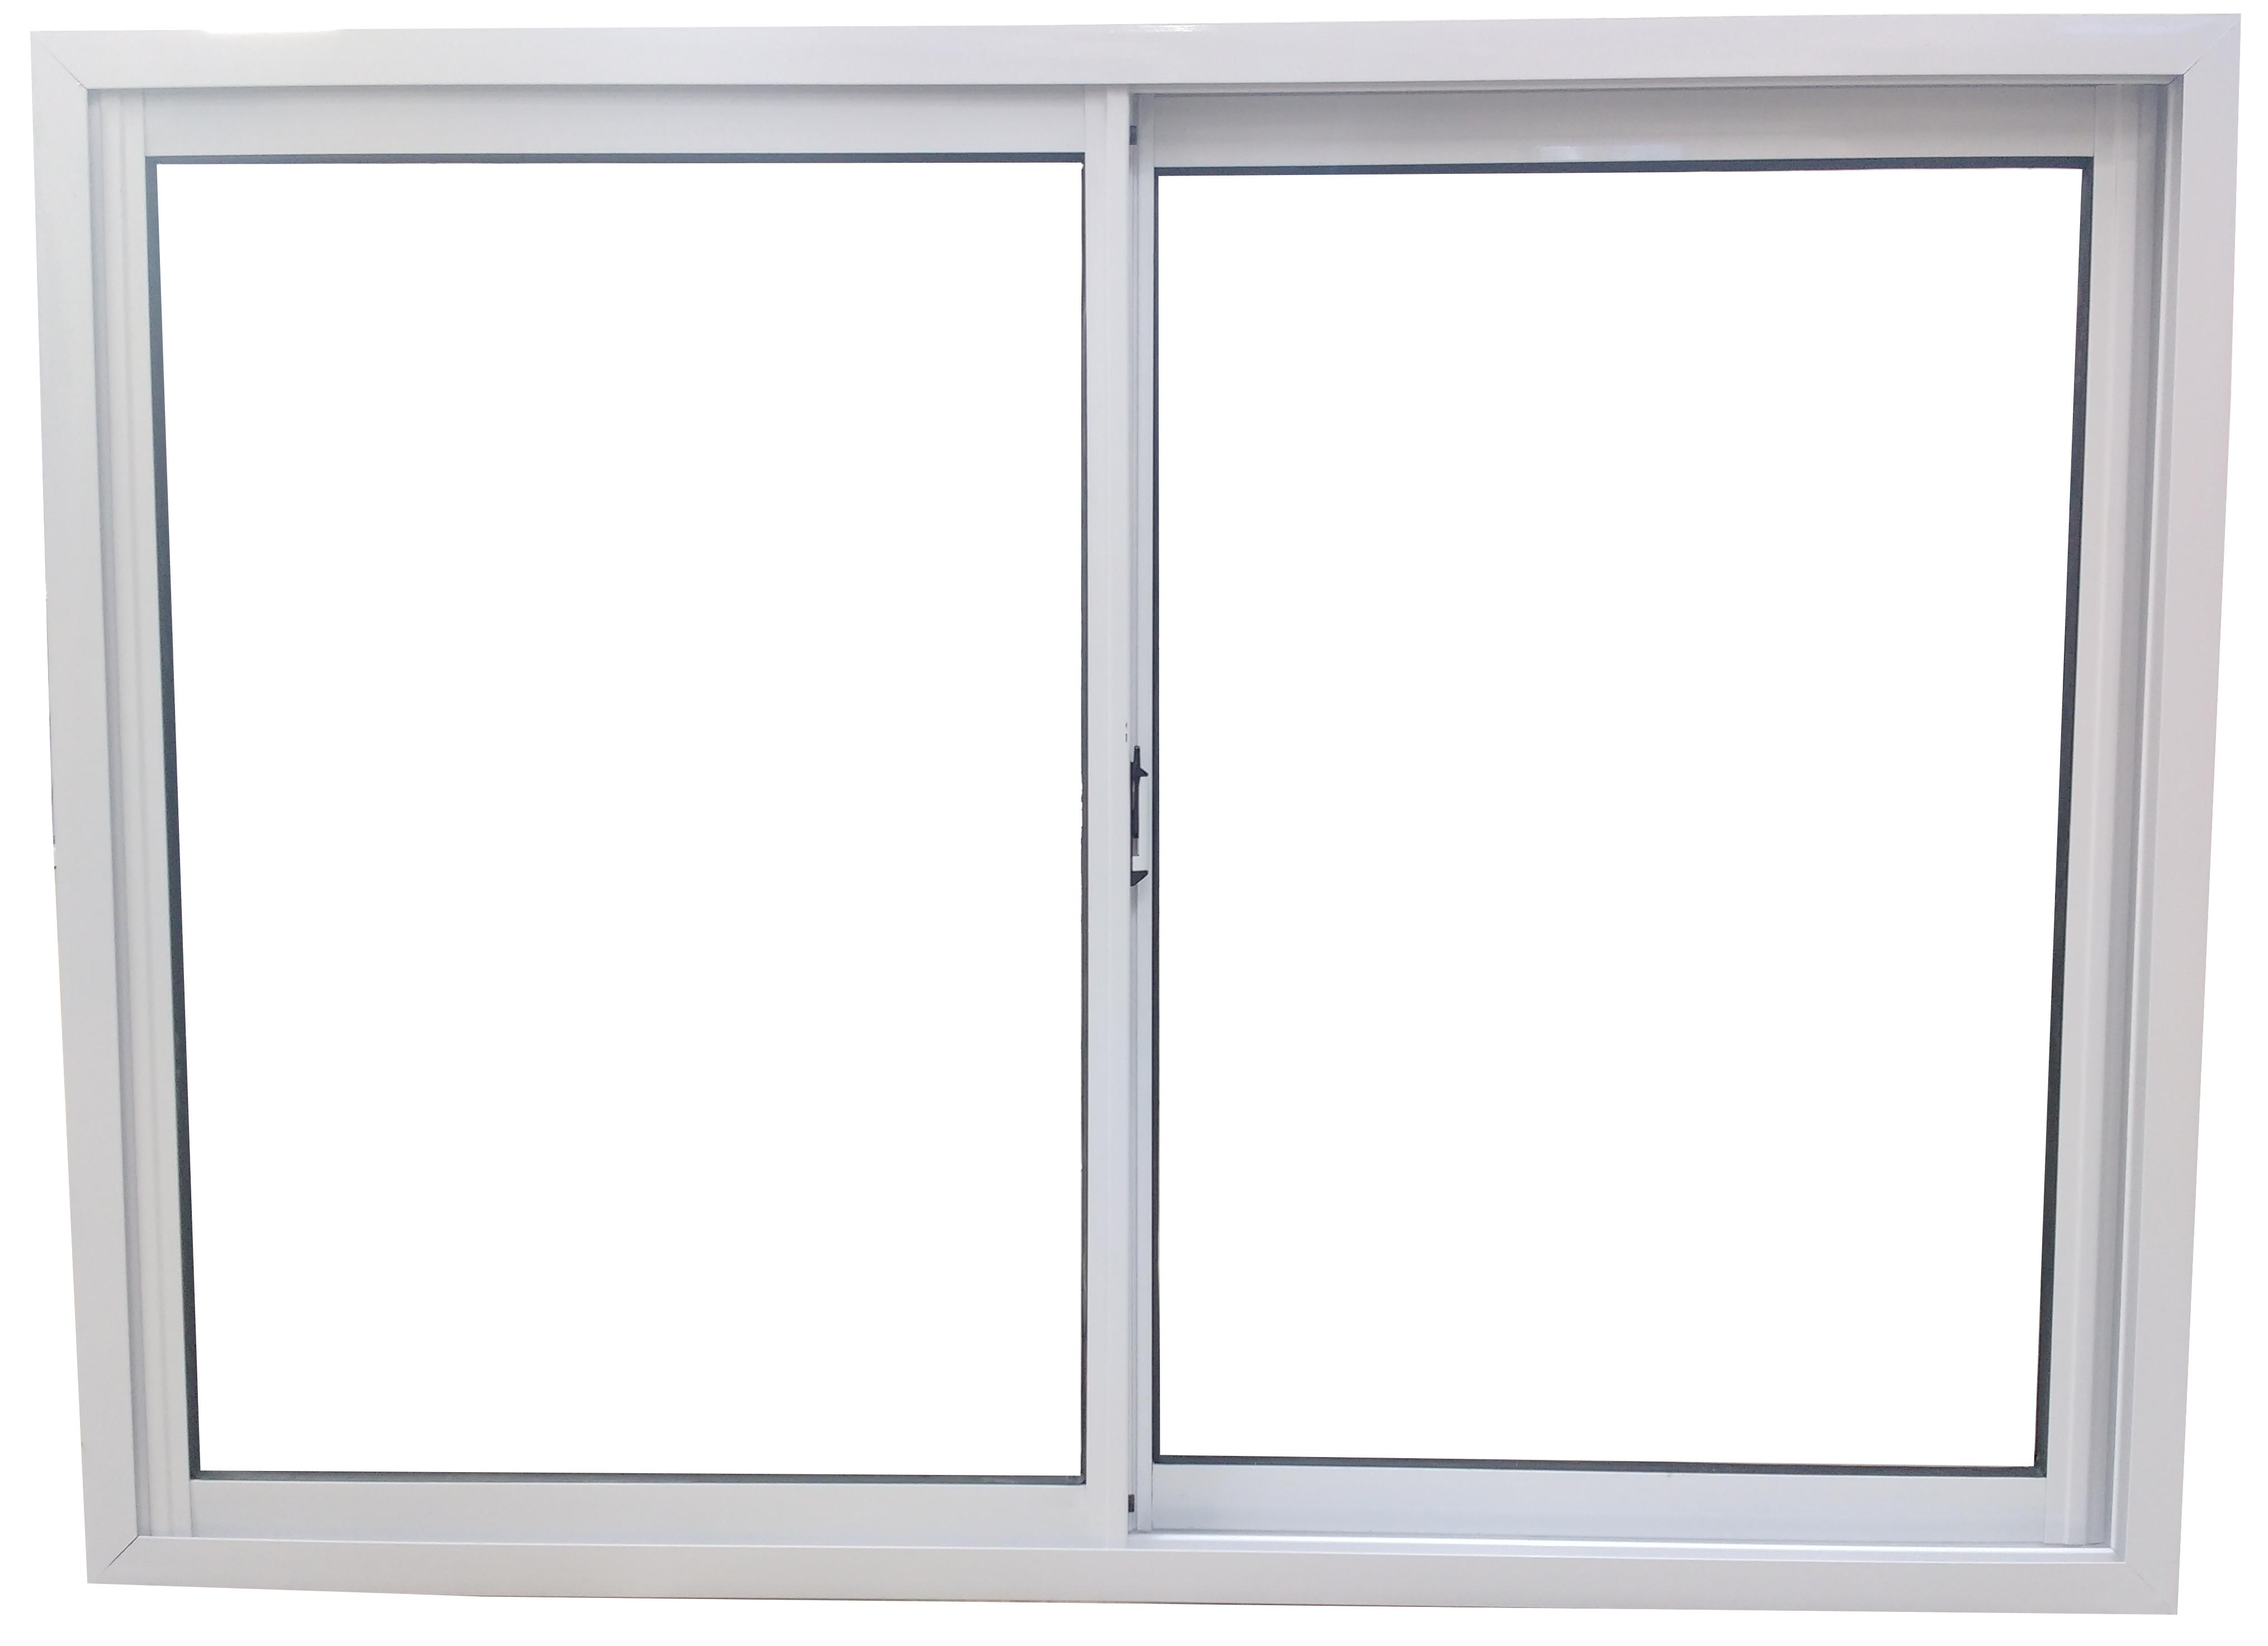 Ventanas herrero blanco 4mm vidrio entero ventana for The ventana